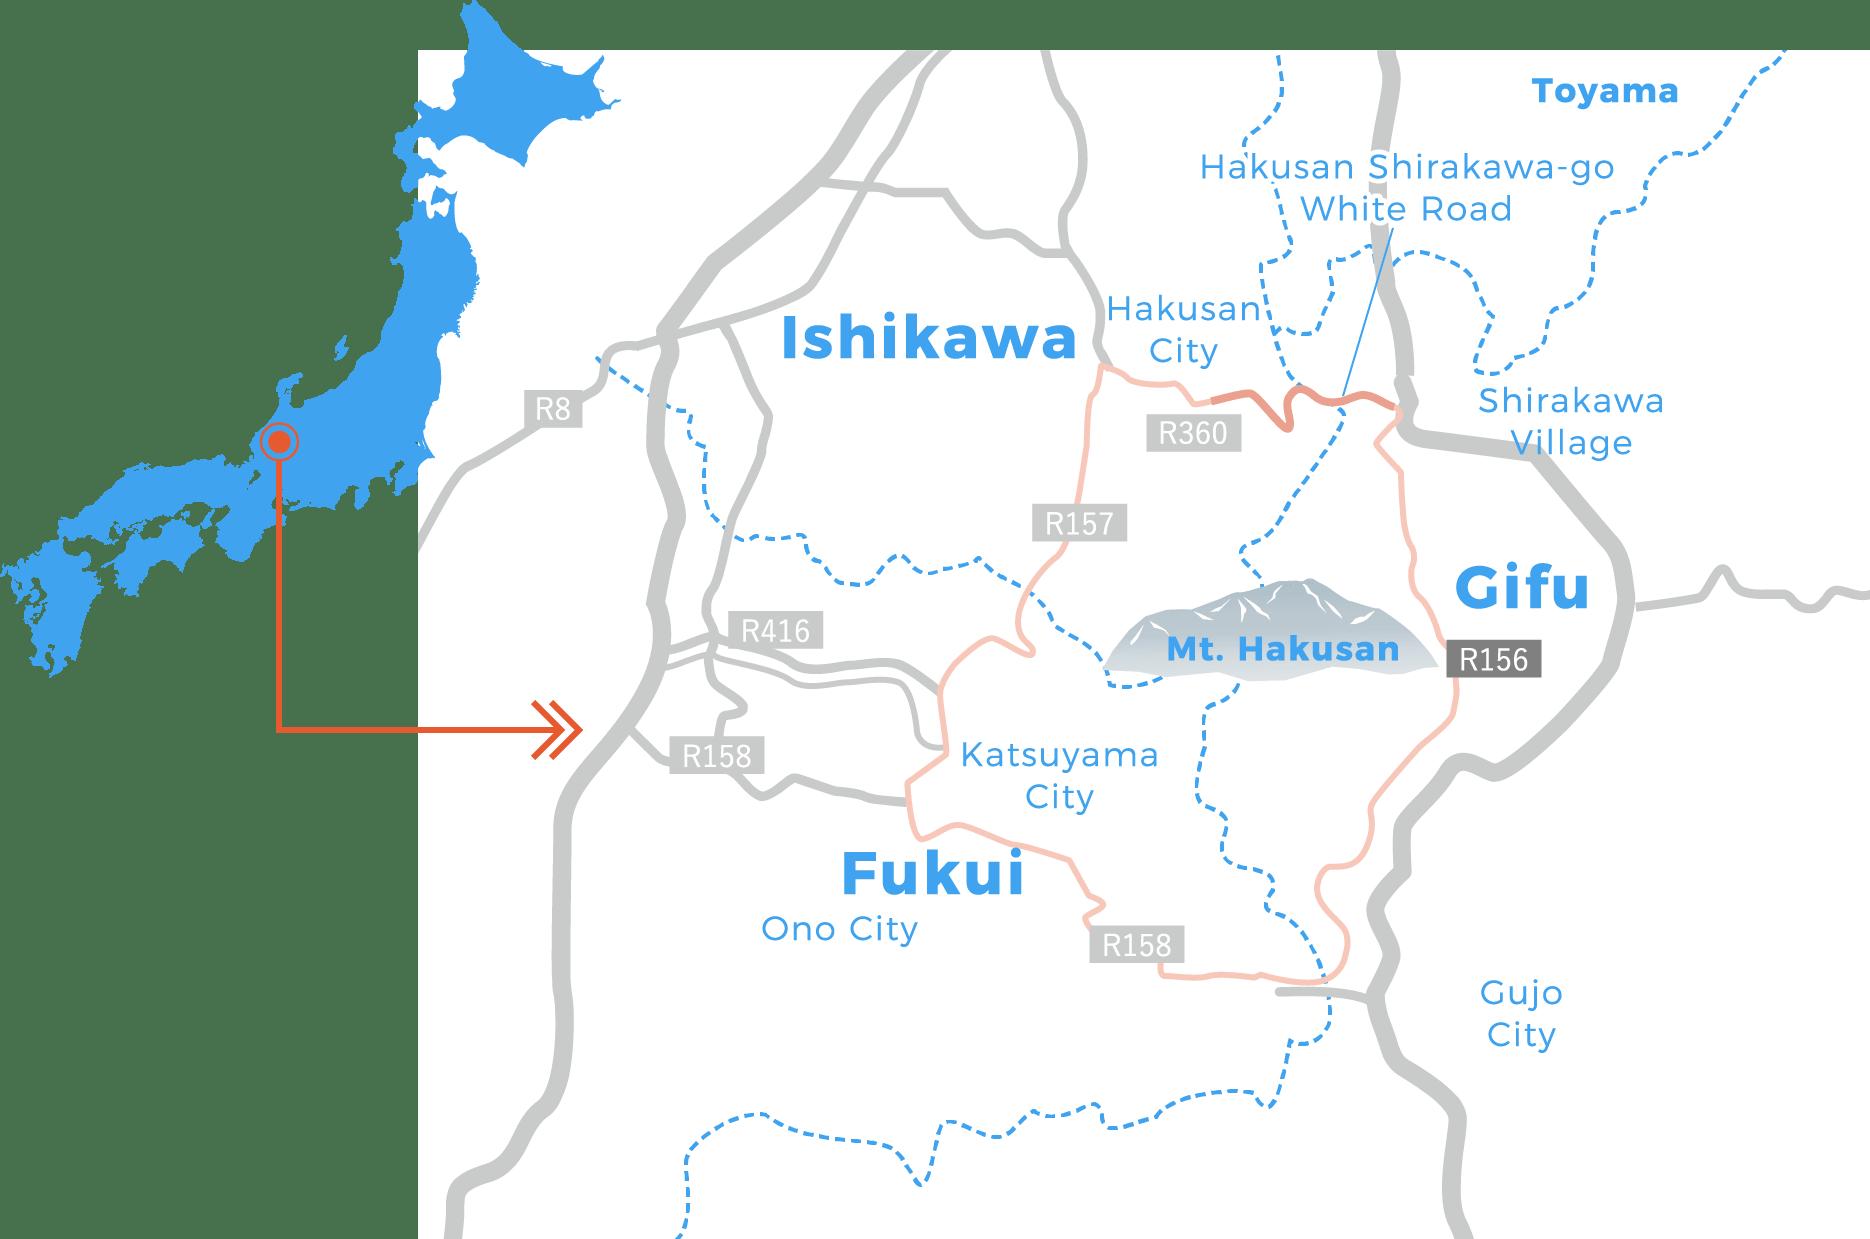 Kan Hakusan area map